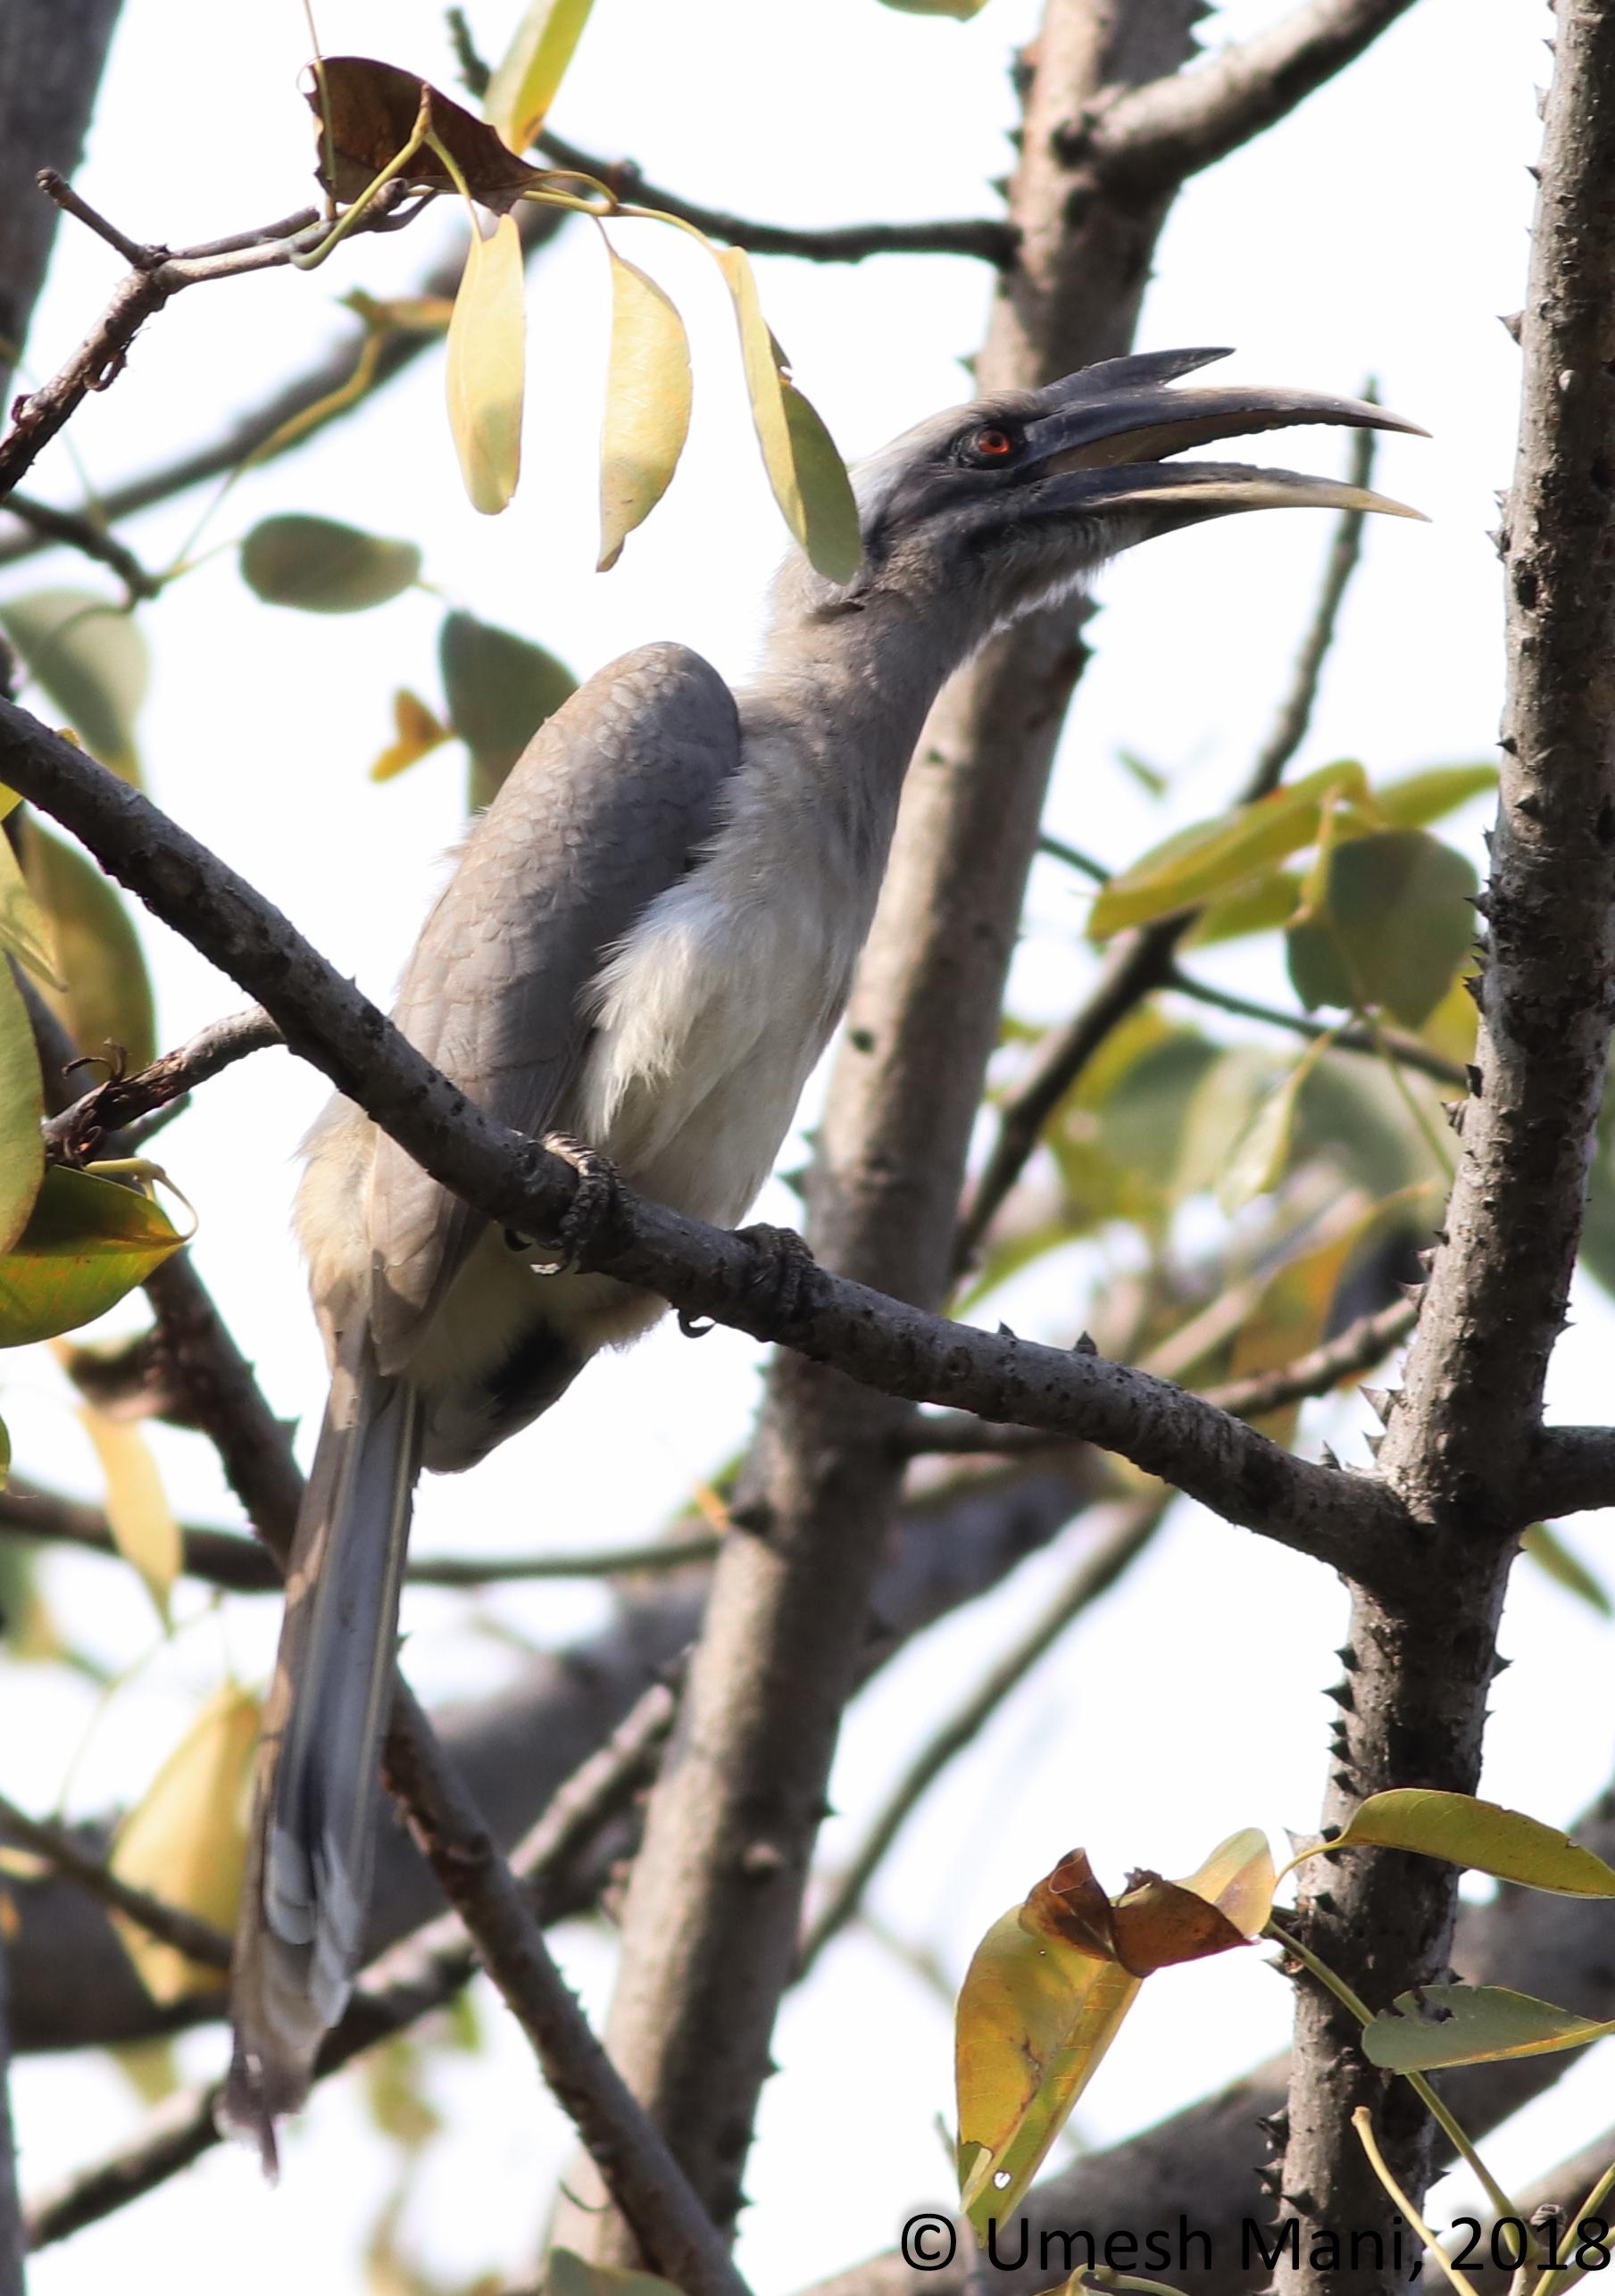 Grey hornbill (Ocyceros birostris)